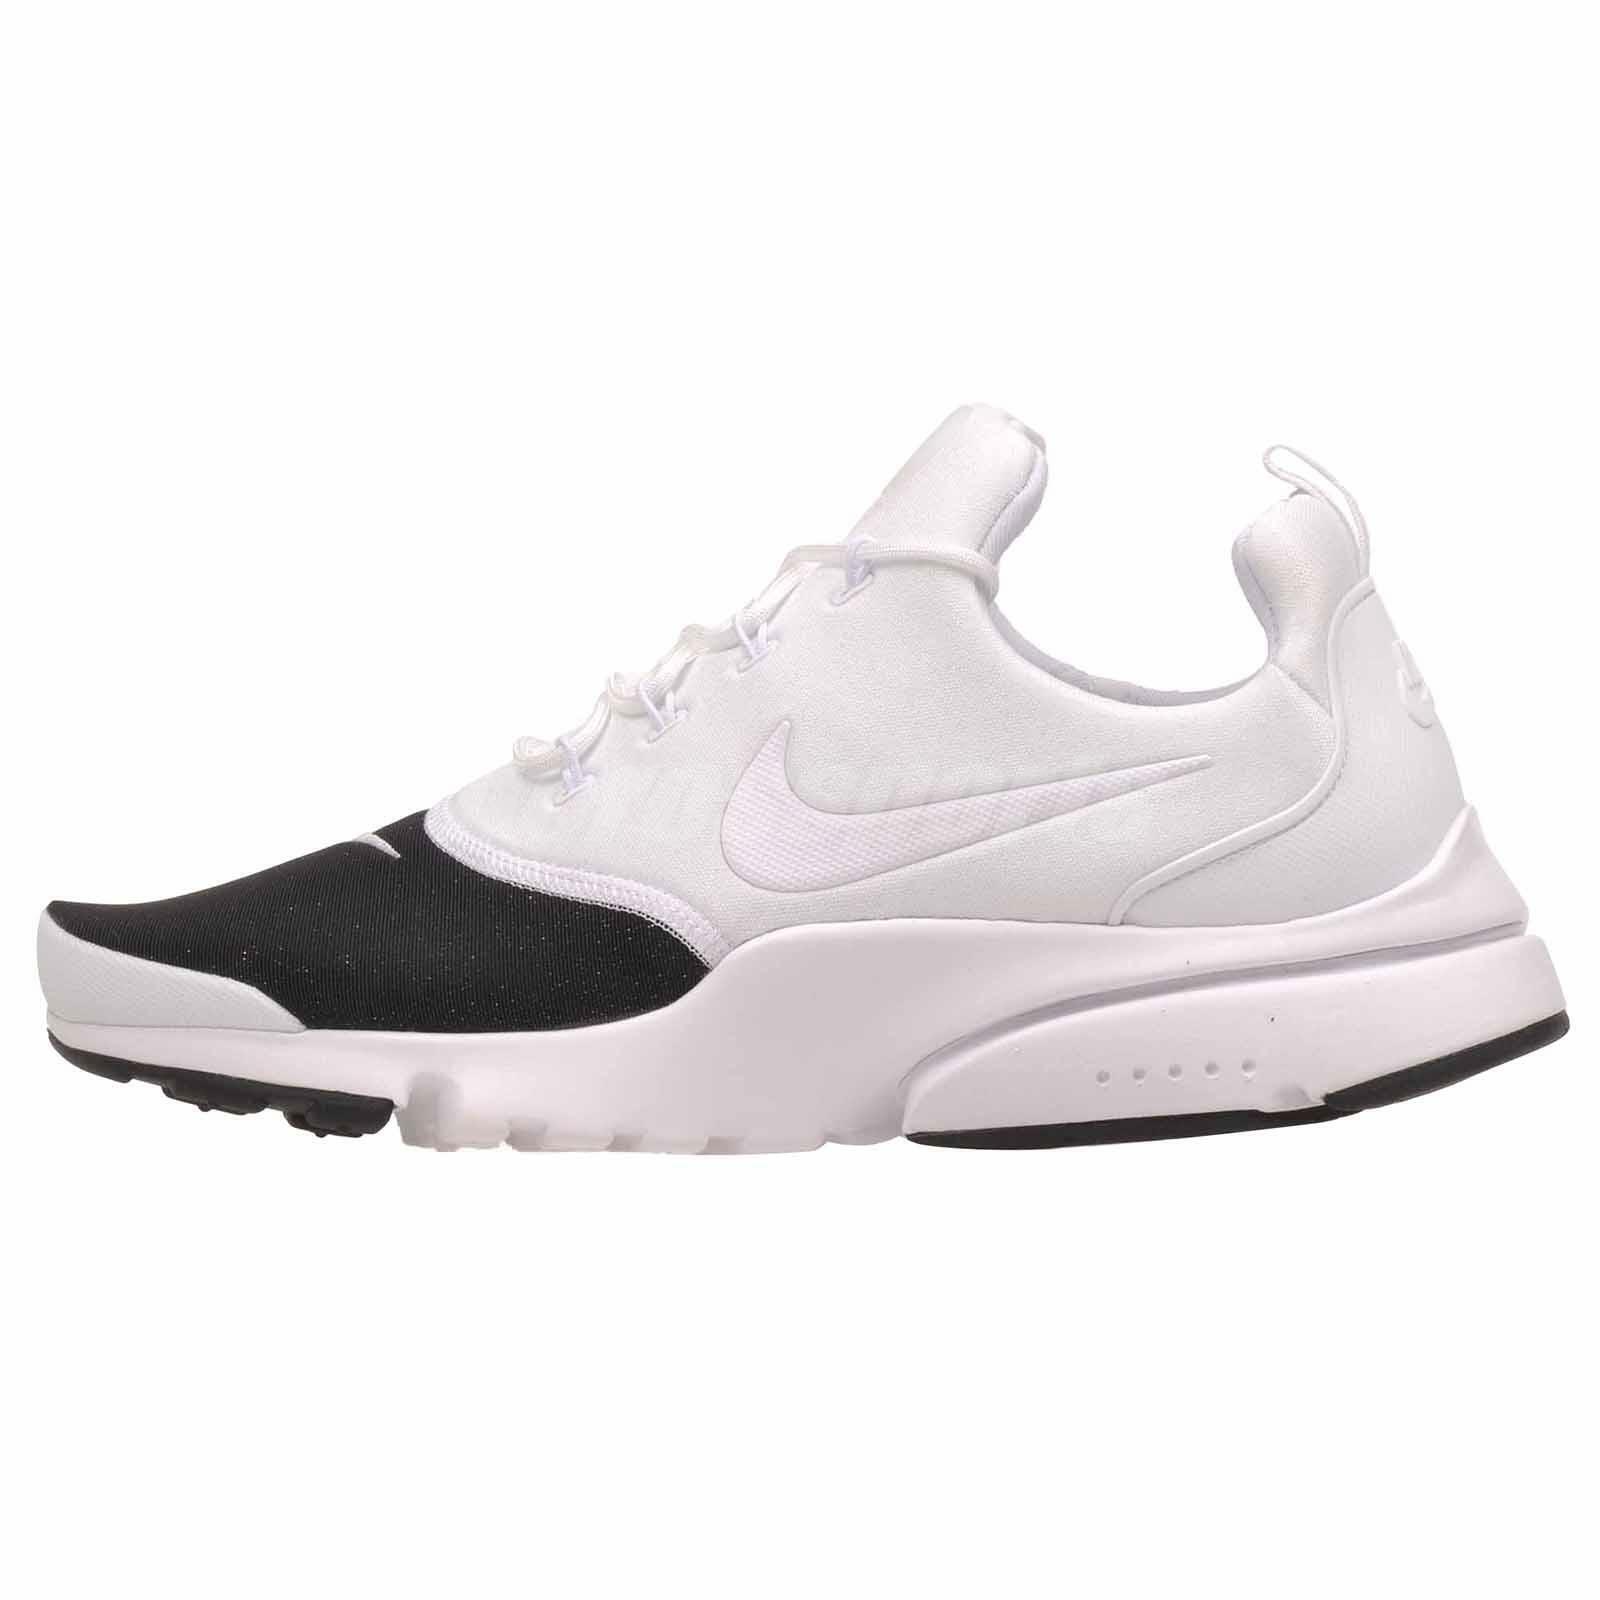 Nike Wmns presto volar PRM Correr Zapatos para mujer Premium Nuevo Sin Caja AO3156-100